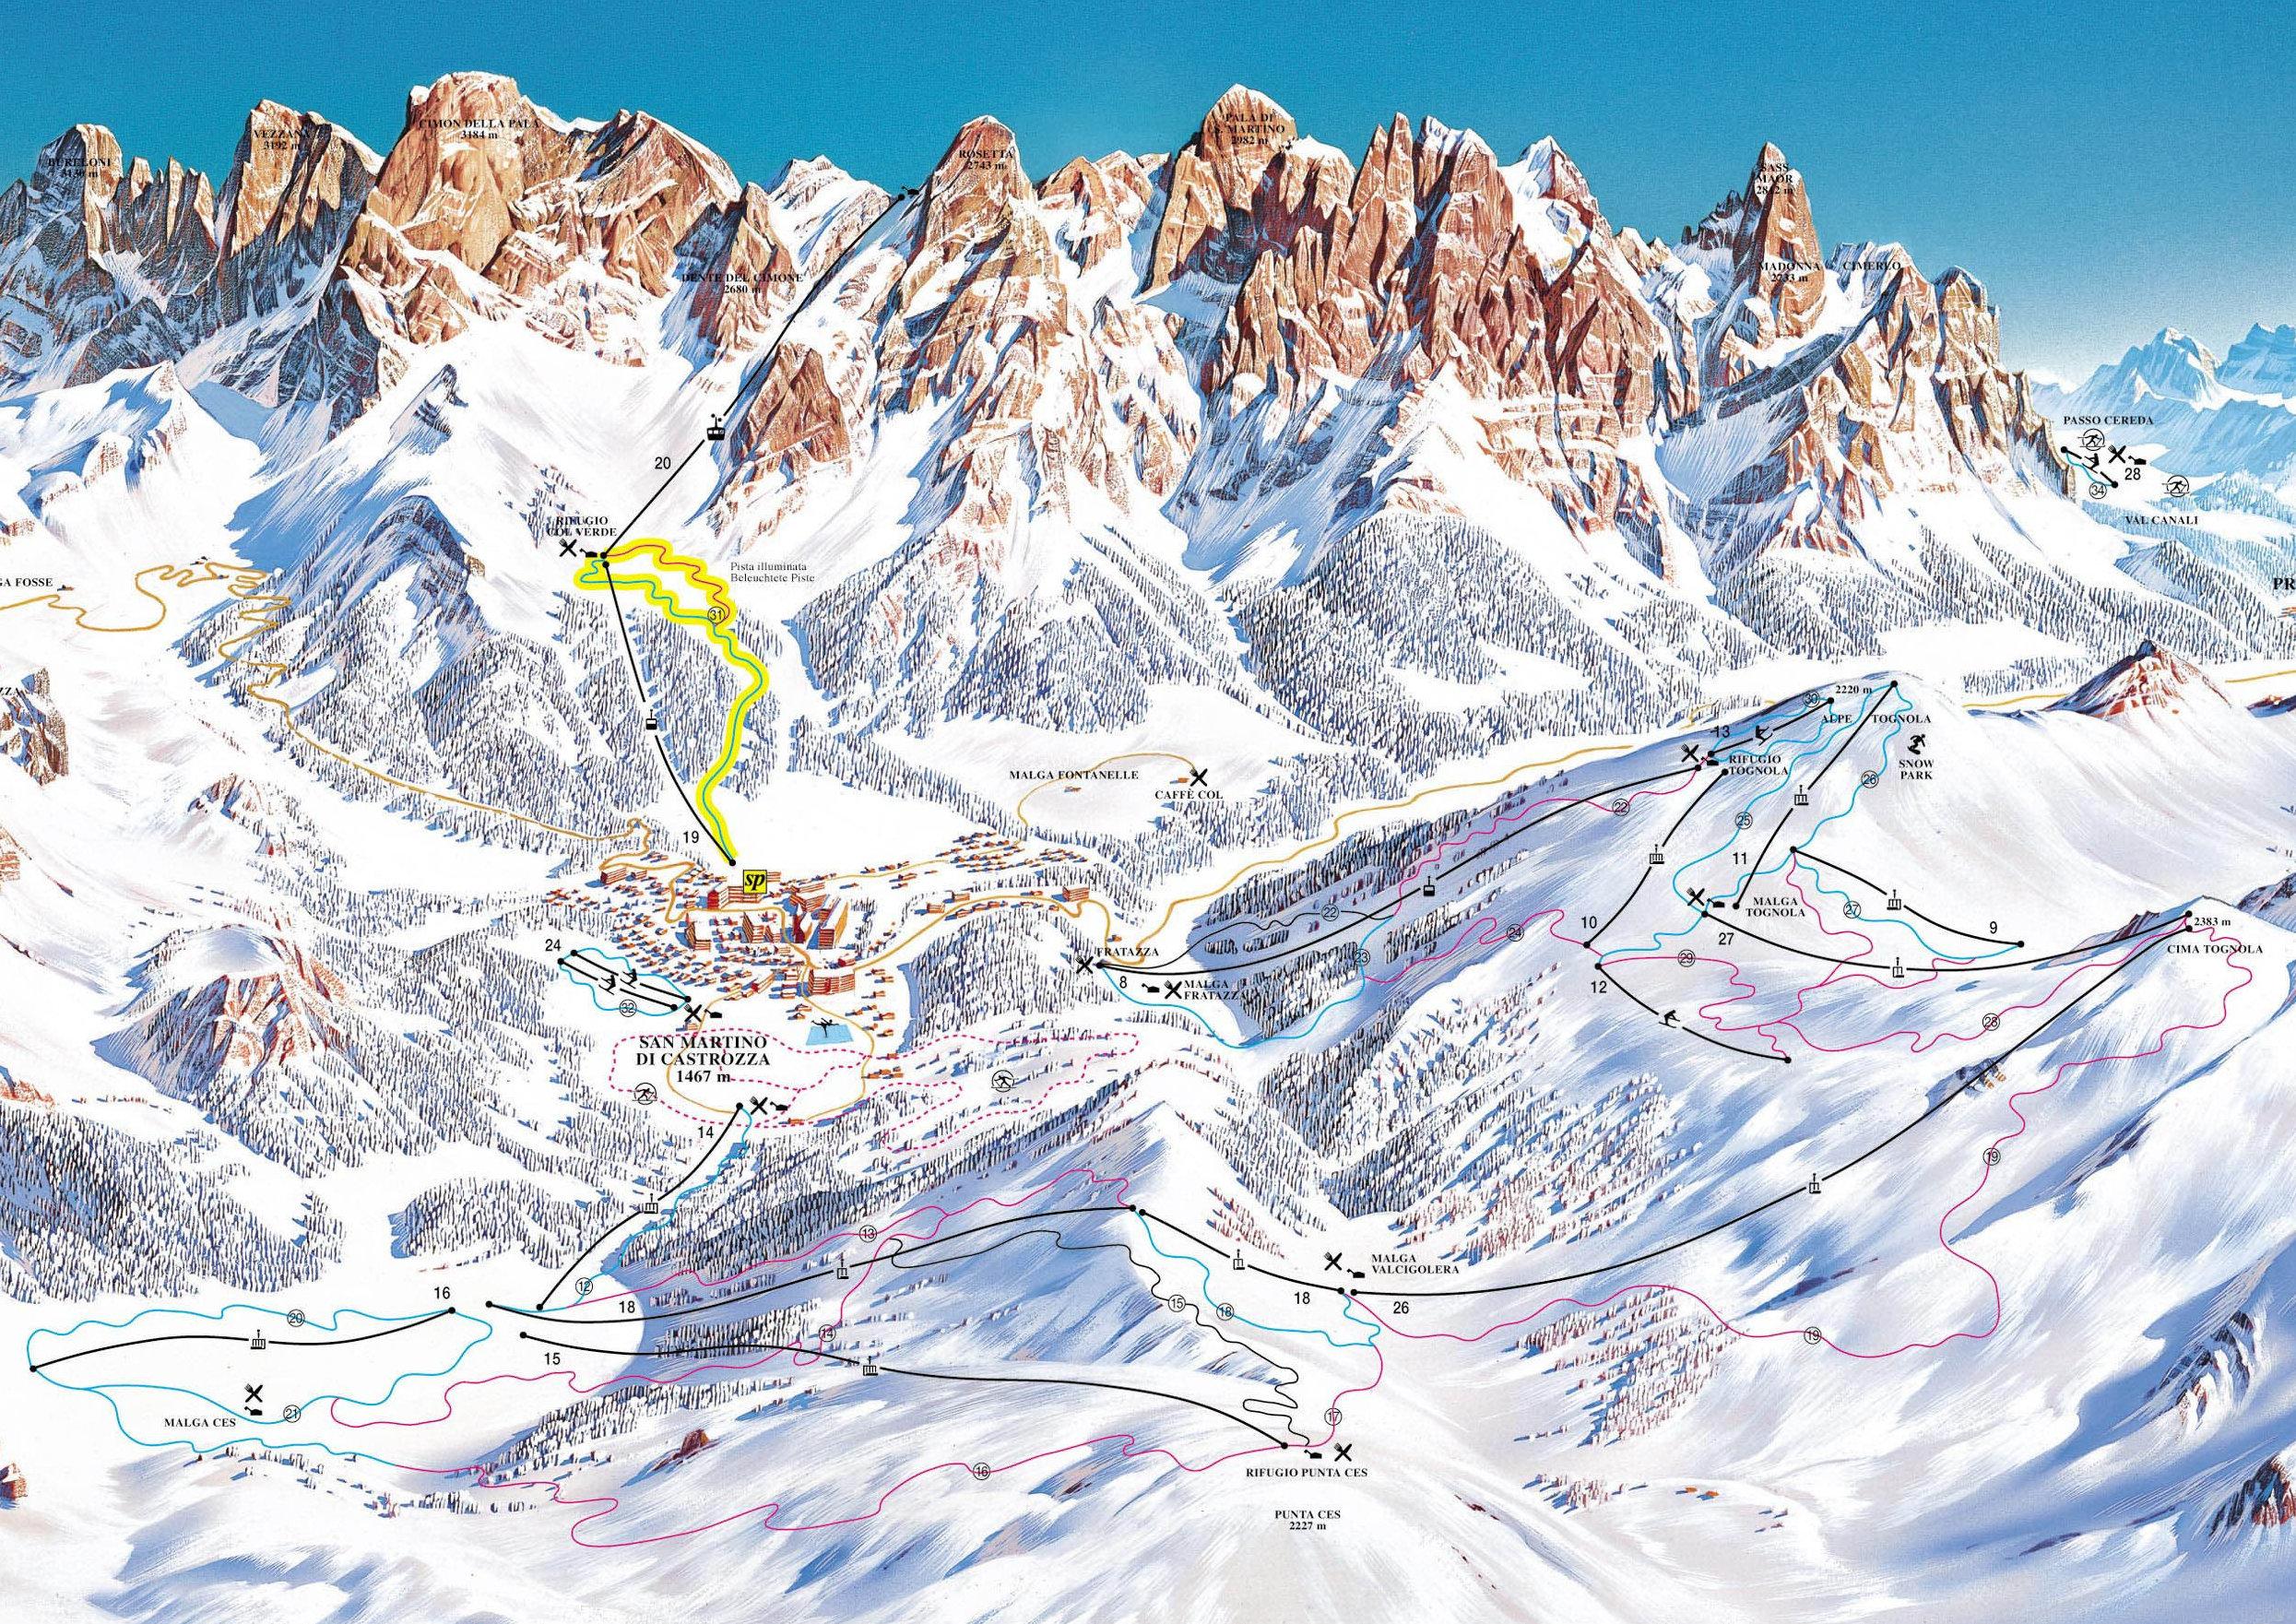 Lyžařská mapa sjezdovek areálu San Martino di Castrozza